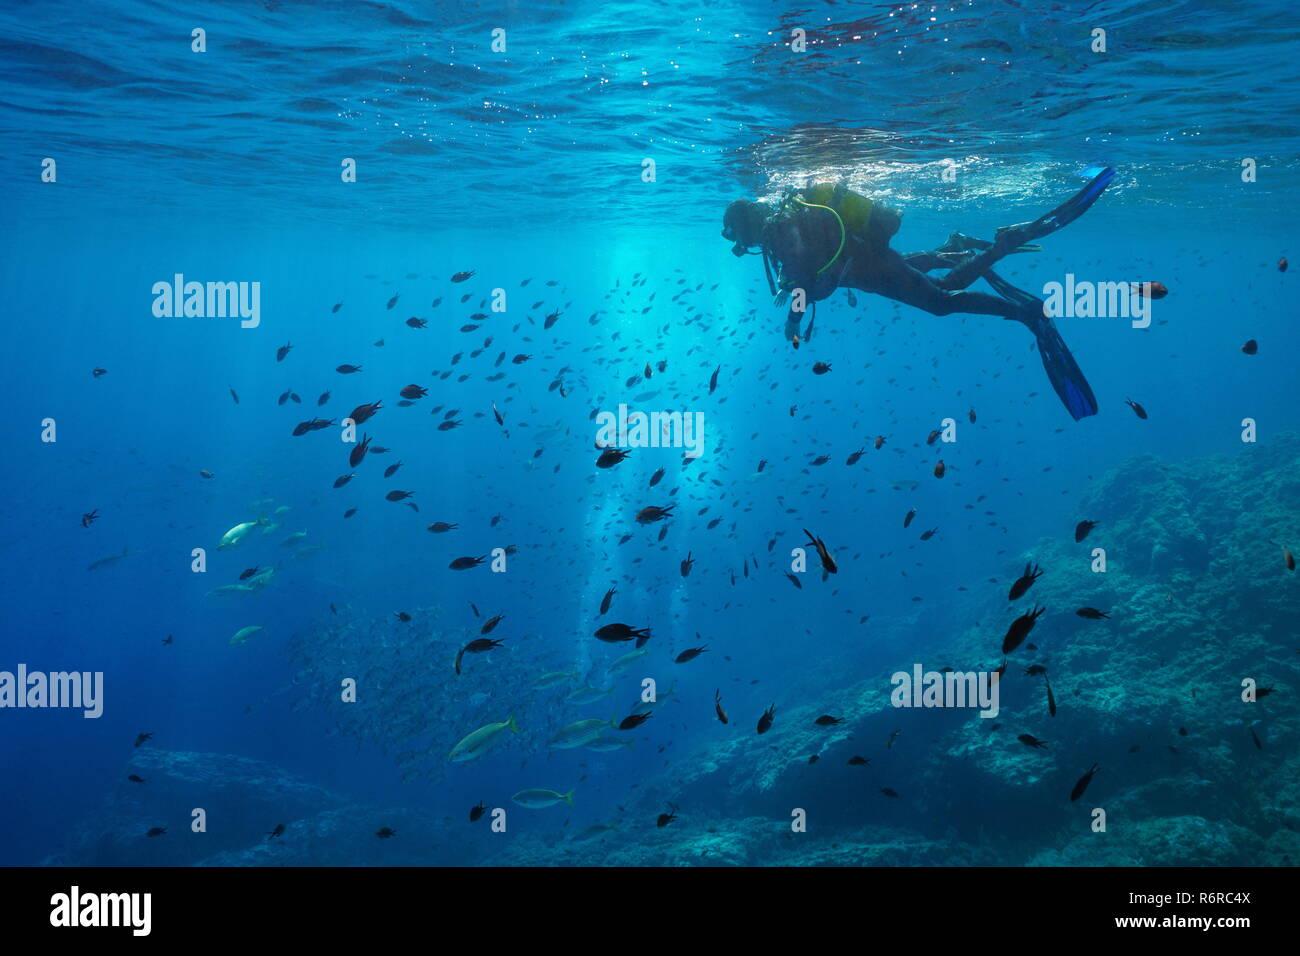 Scuba Diver sur surface de l'oeil à banc de poissons sous l'eau, mer Méditerranée, Îles Medes, Costa Brava, Espagne Banque D'Images